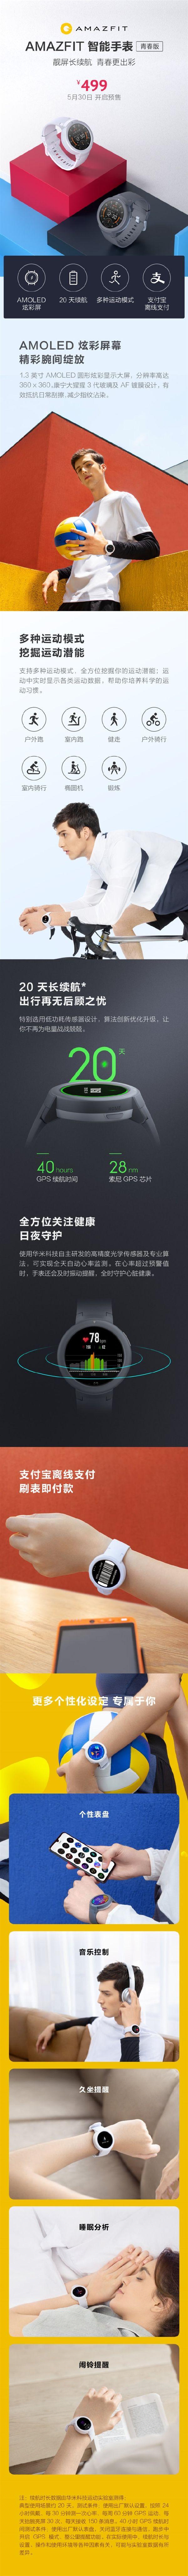 Amazfit Youth Edition: спортивные смарт-часы с аккумулятором на 20 дней работы – фото 4